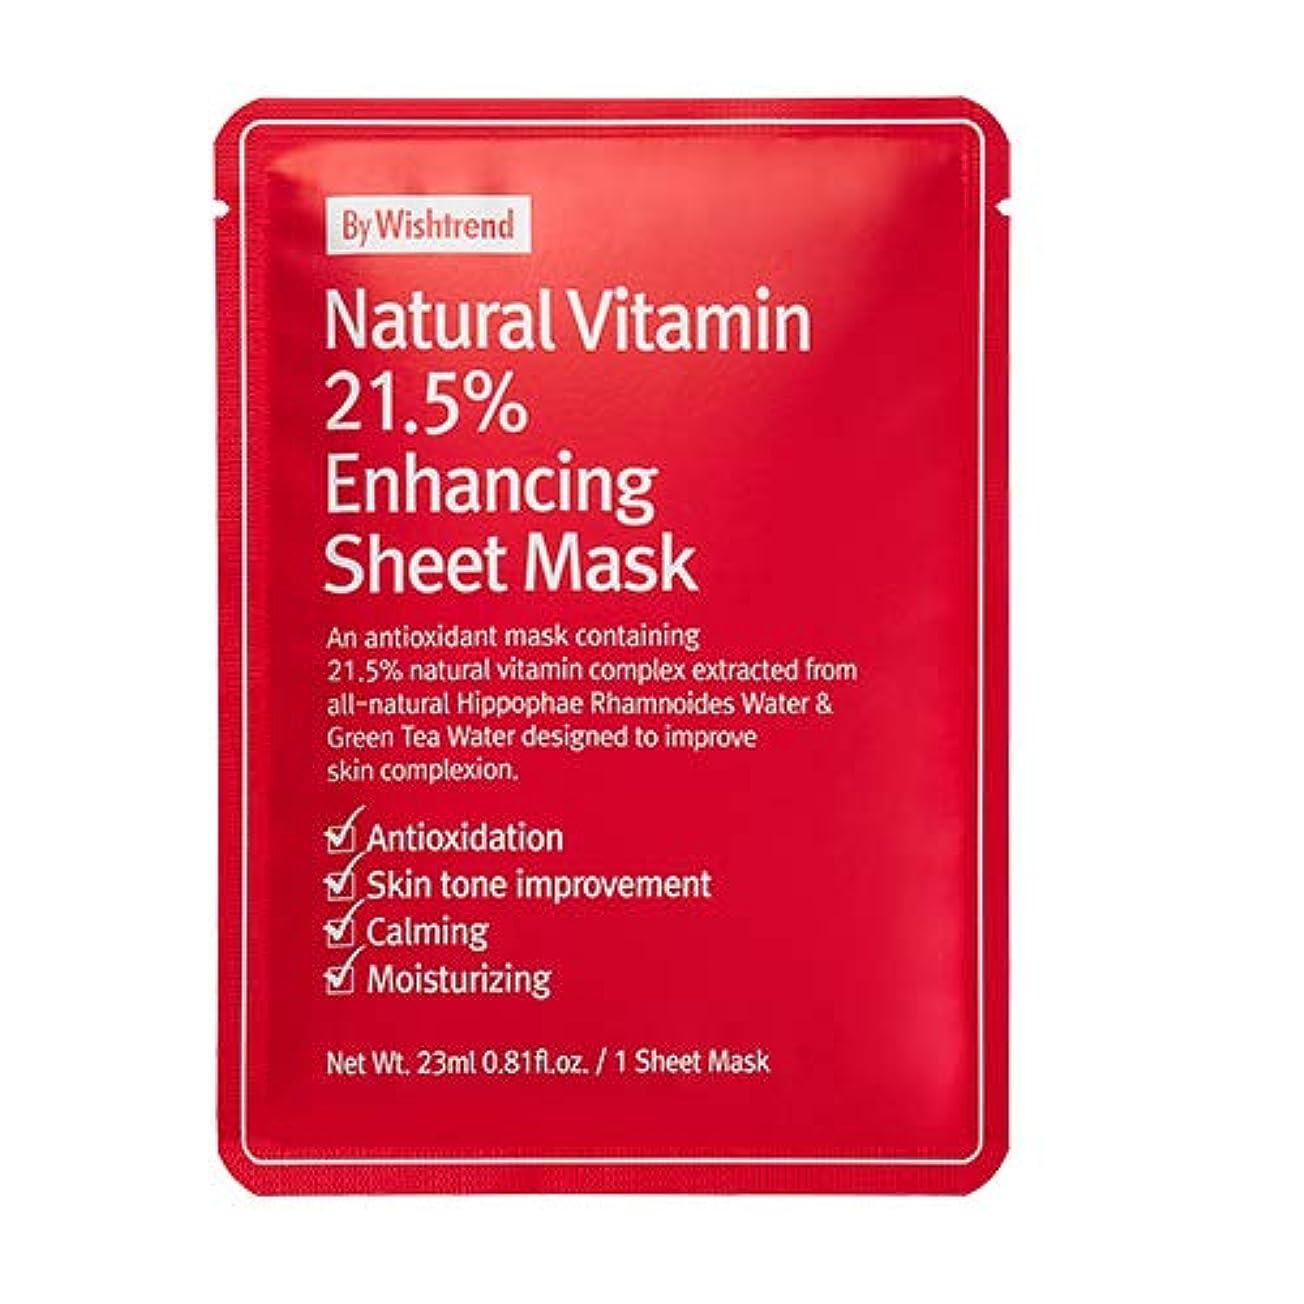 改修する取り出すペナルティ[BY WISHTREND] ナチュラルビタミン21.5エンハンシング シートマスク 10シート, Natural Vitamin 21.5 Enhancing Mask 10 sheets [並行輸入品]